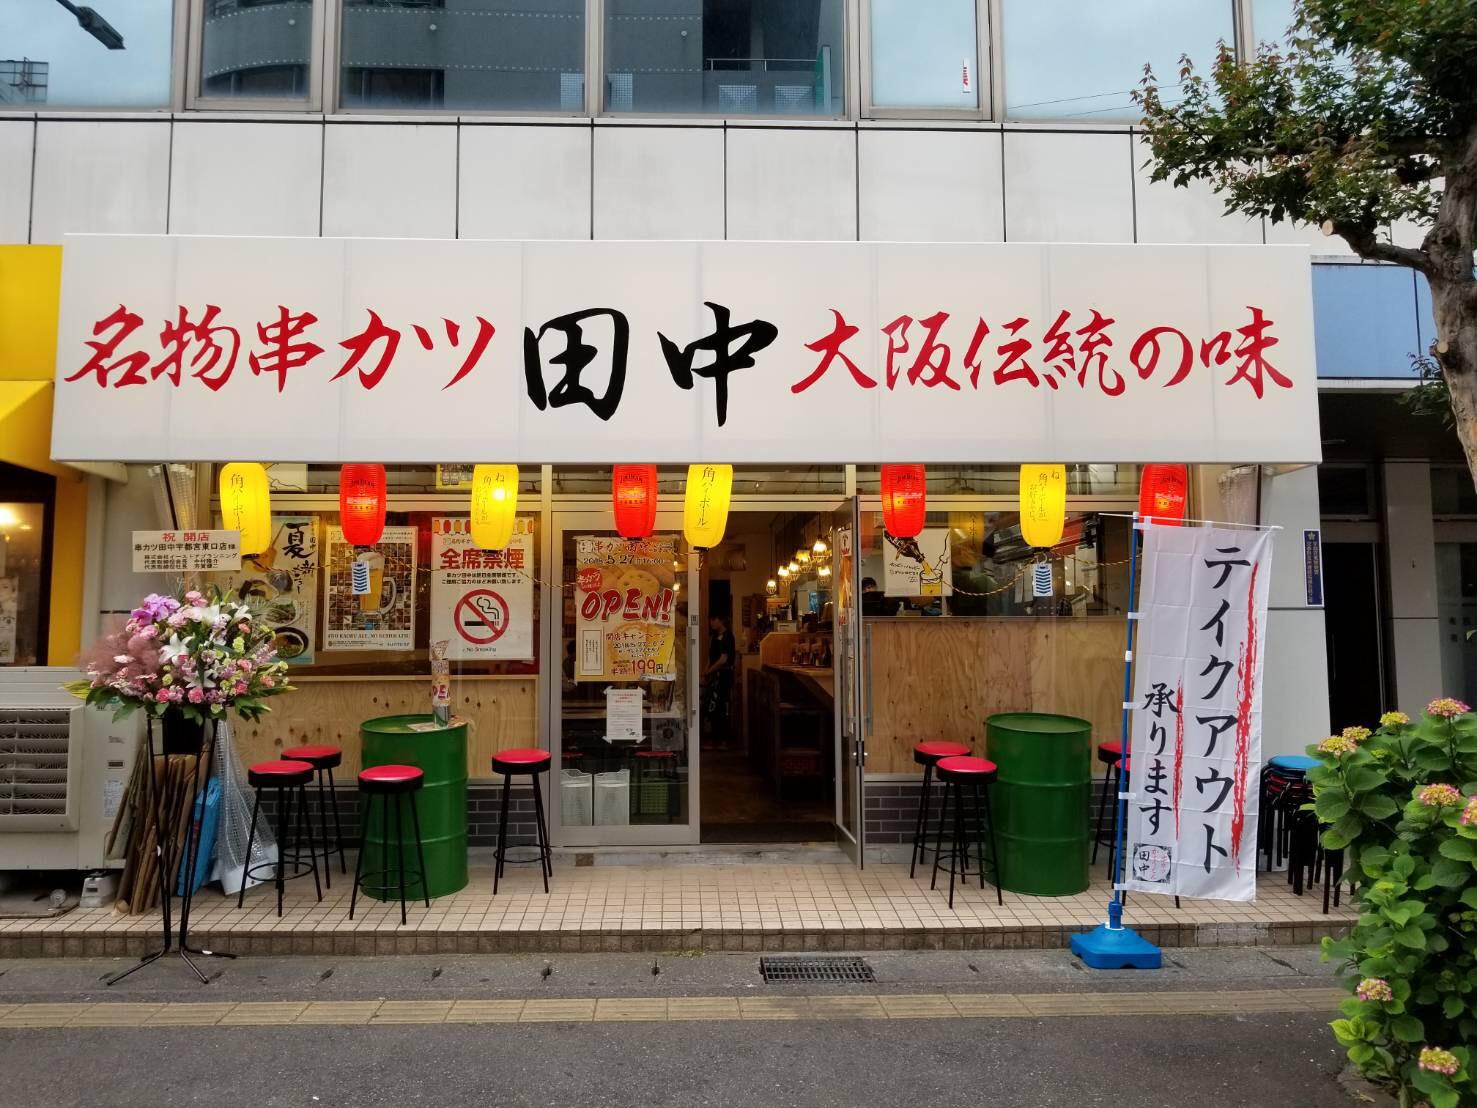 5/27【宇都宮東口】串カツ田中オープン!